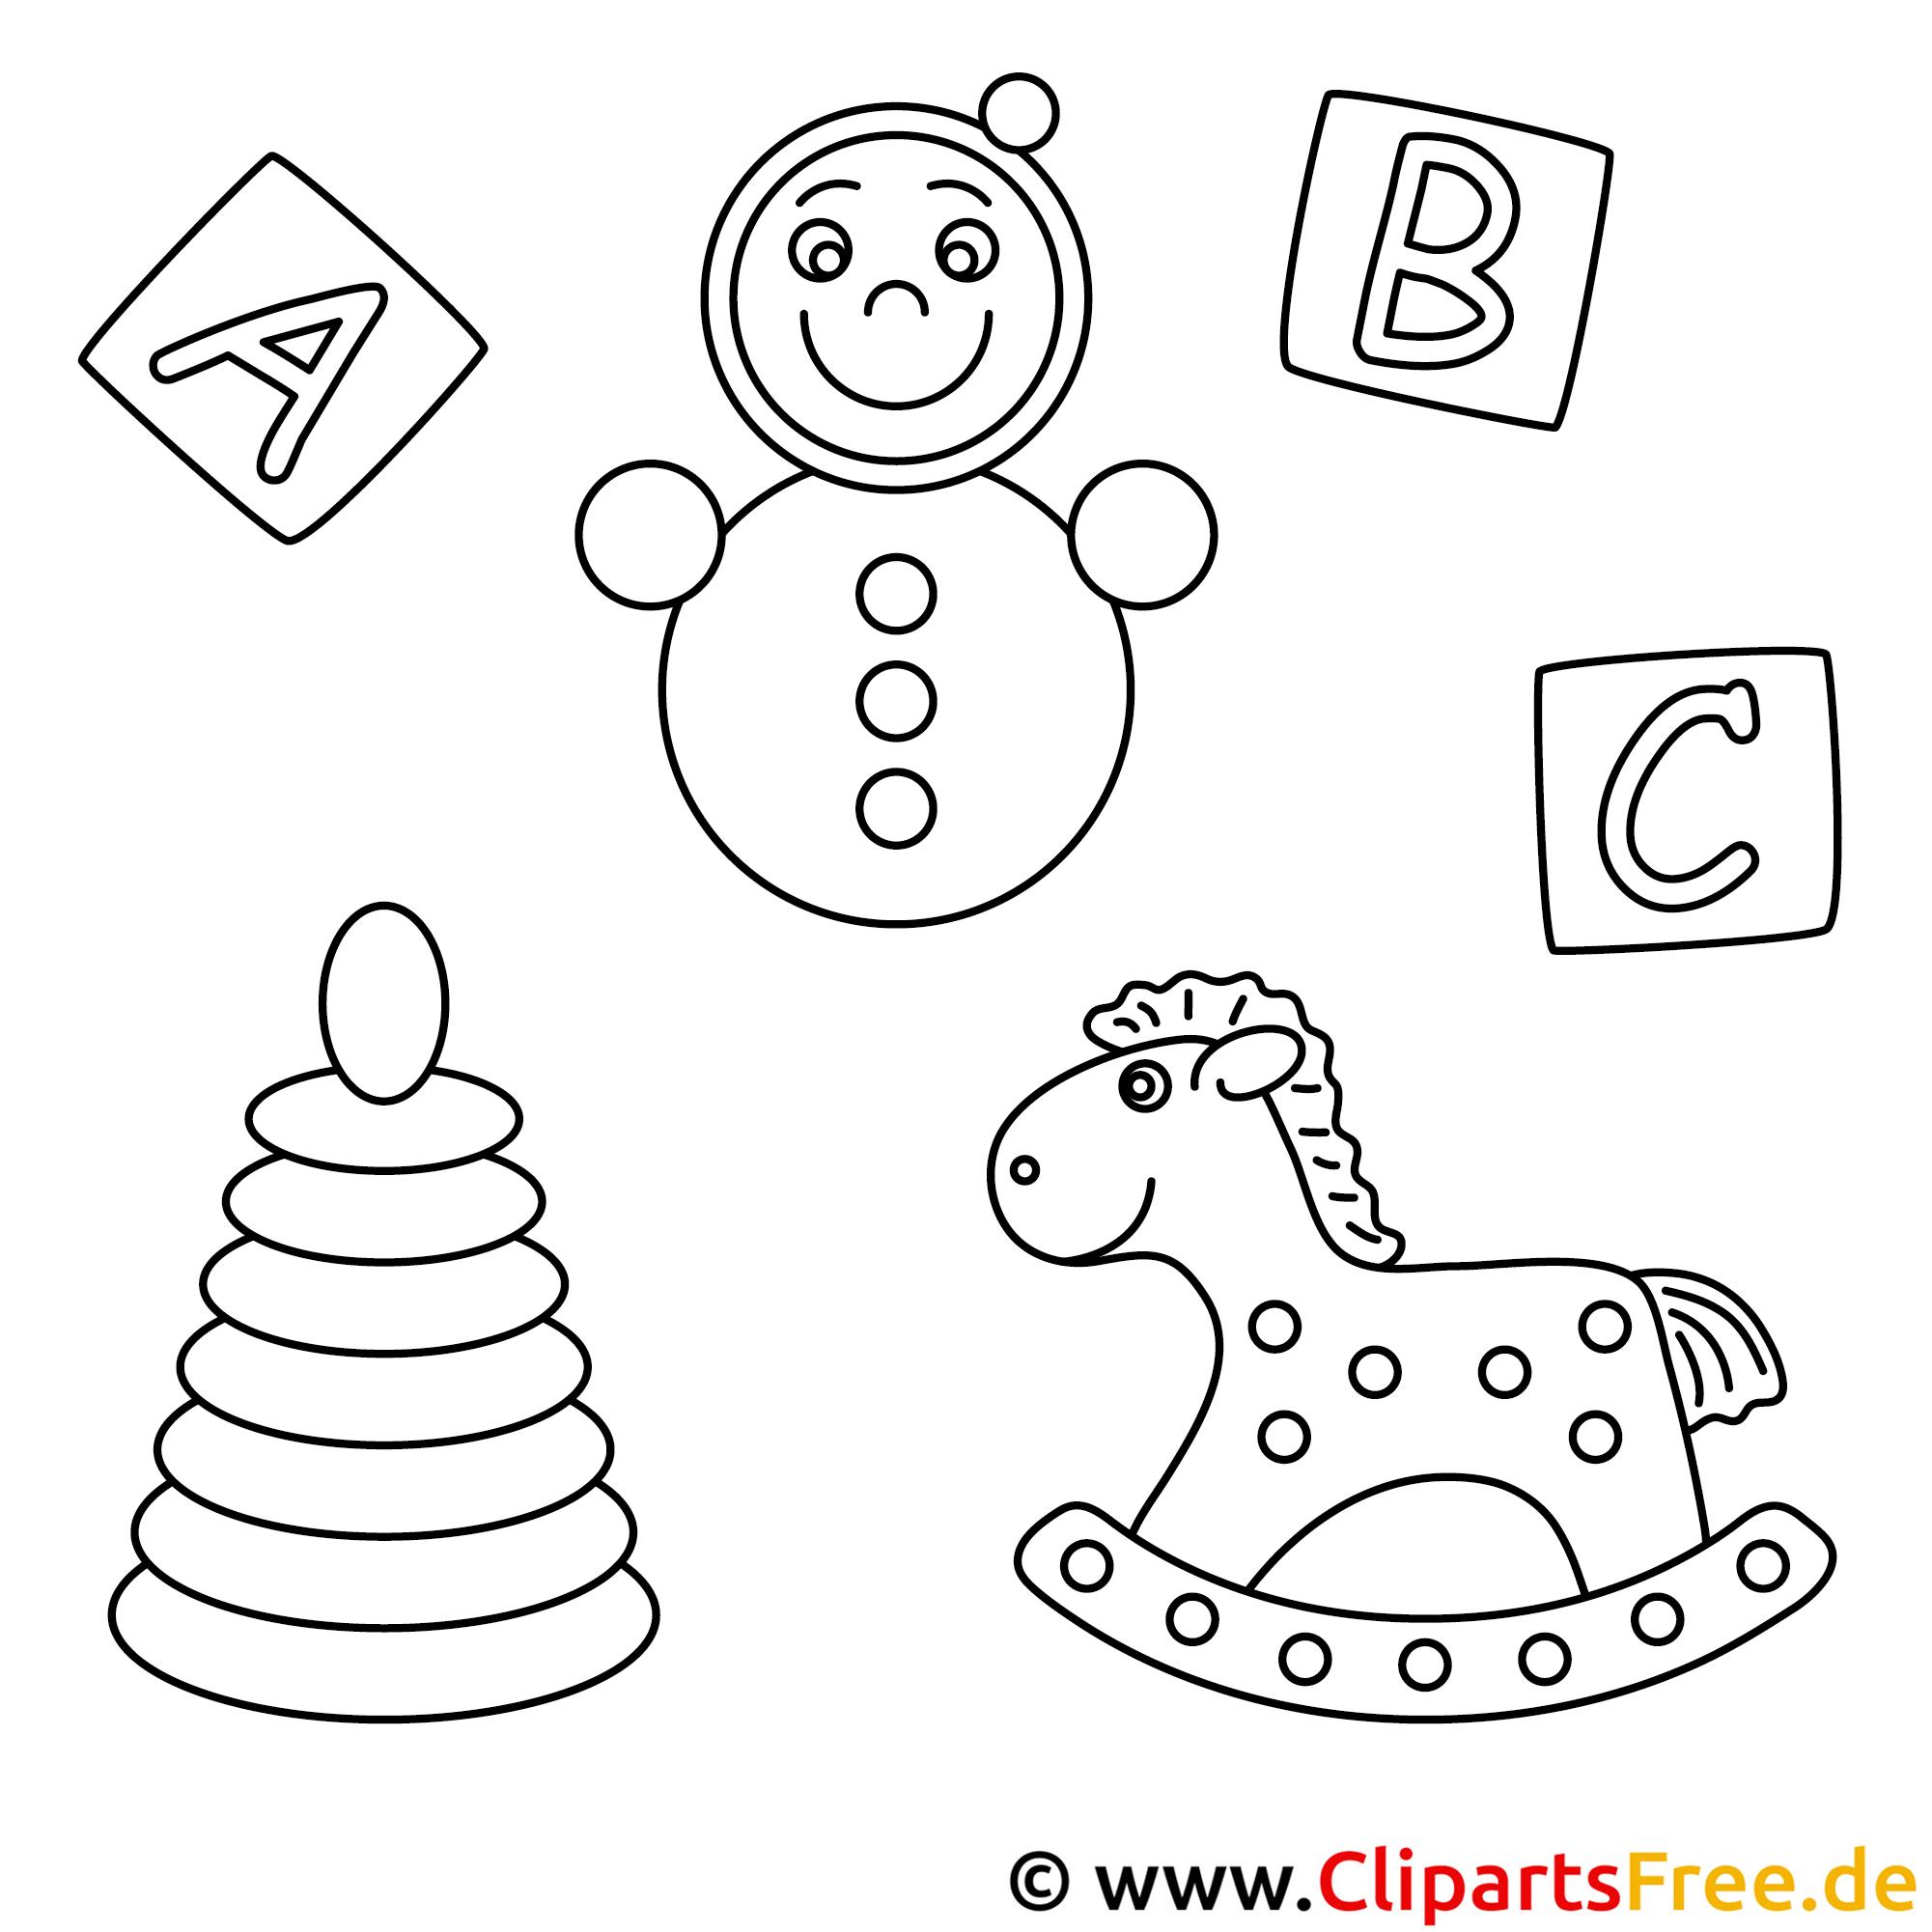 Ausmalbilder Playmobil Kindergarten : Ziemlich Kindergarten Malvorlagen Galerie Malvorlagen Von Tieren